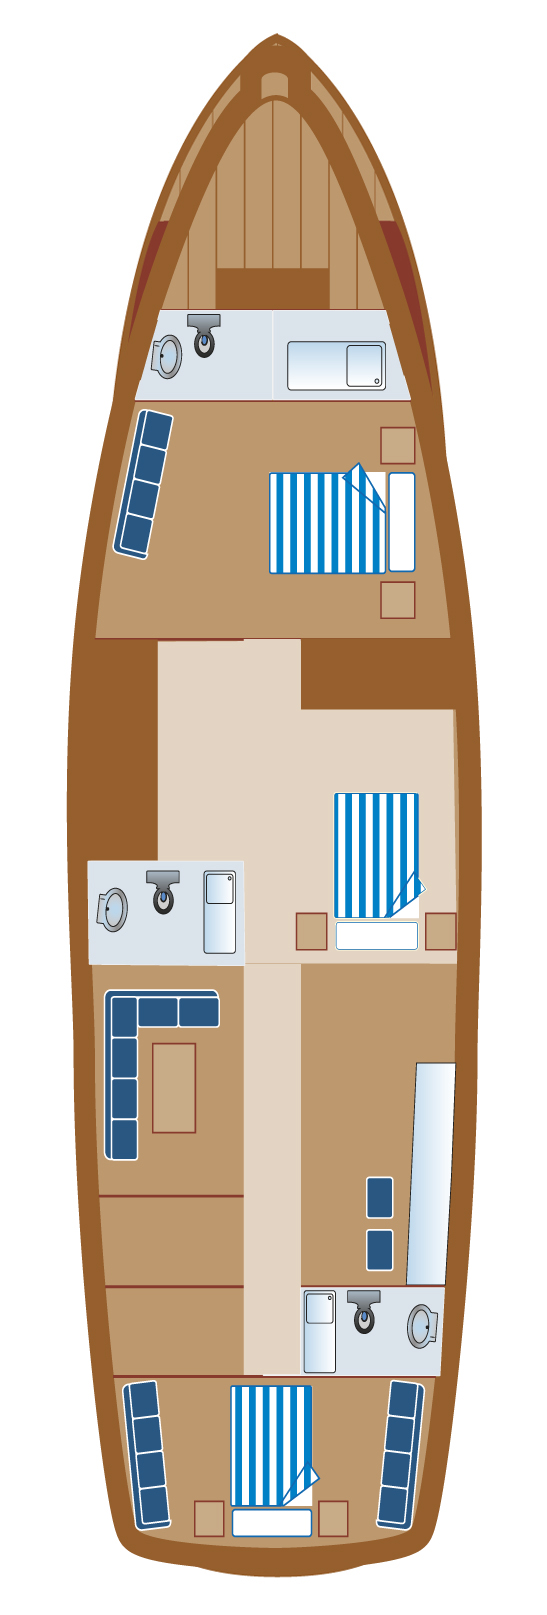 Primadonna-layout.jpg